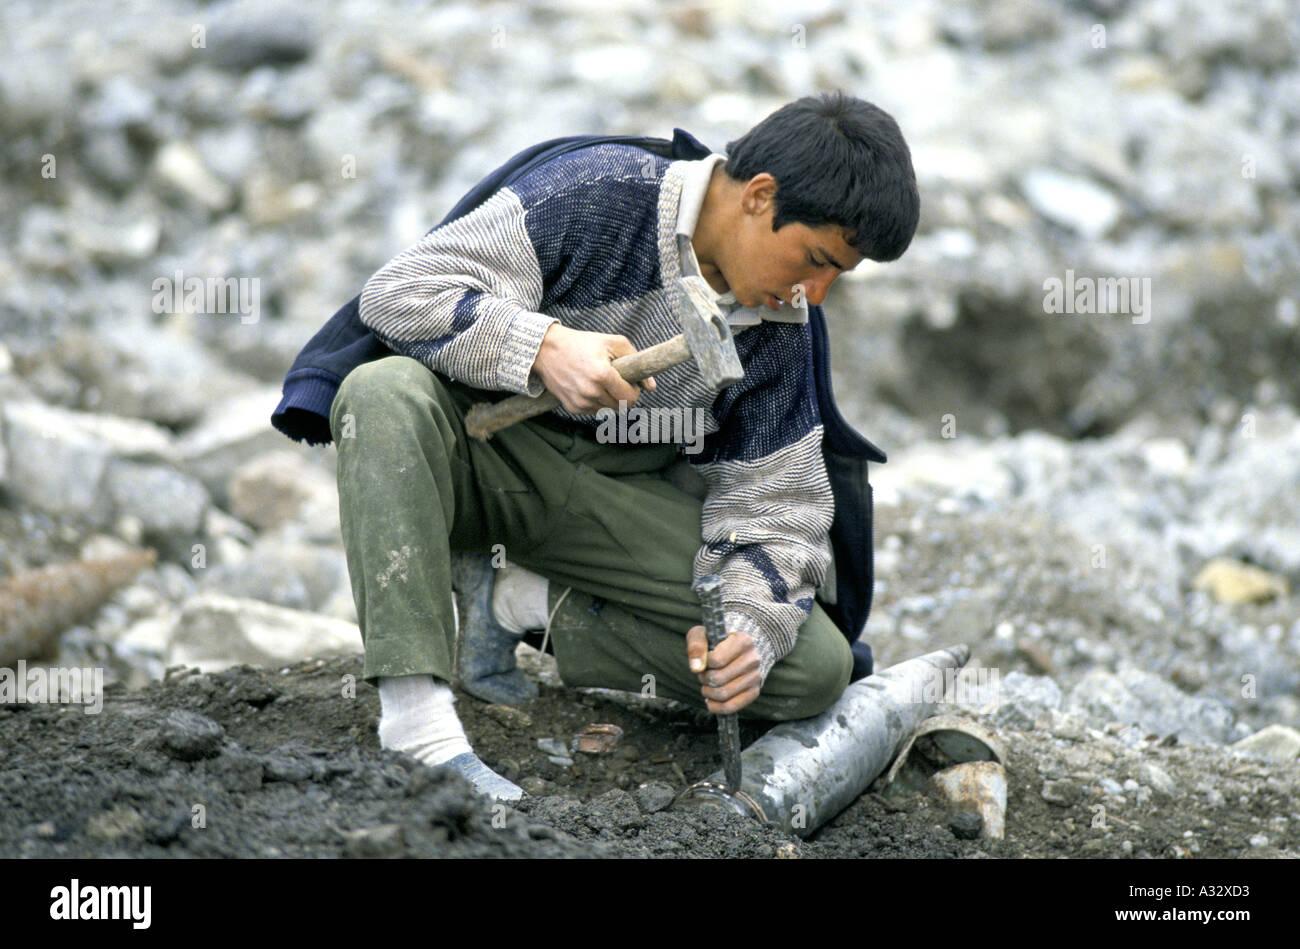 Hammerschlag: ein Junge versucht, die Blaskapelle aus einer live Bombe in Diyana Frühling, Irak-Kurdistan zu entfernen. Stockbild